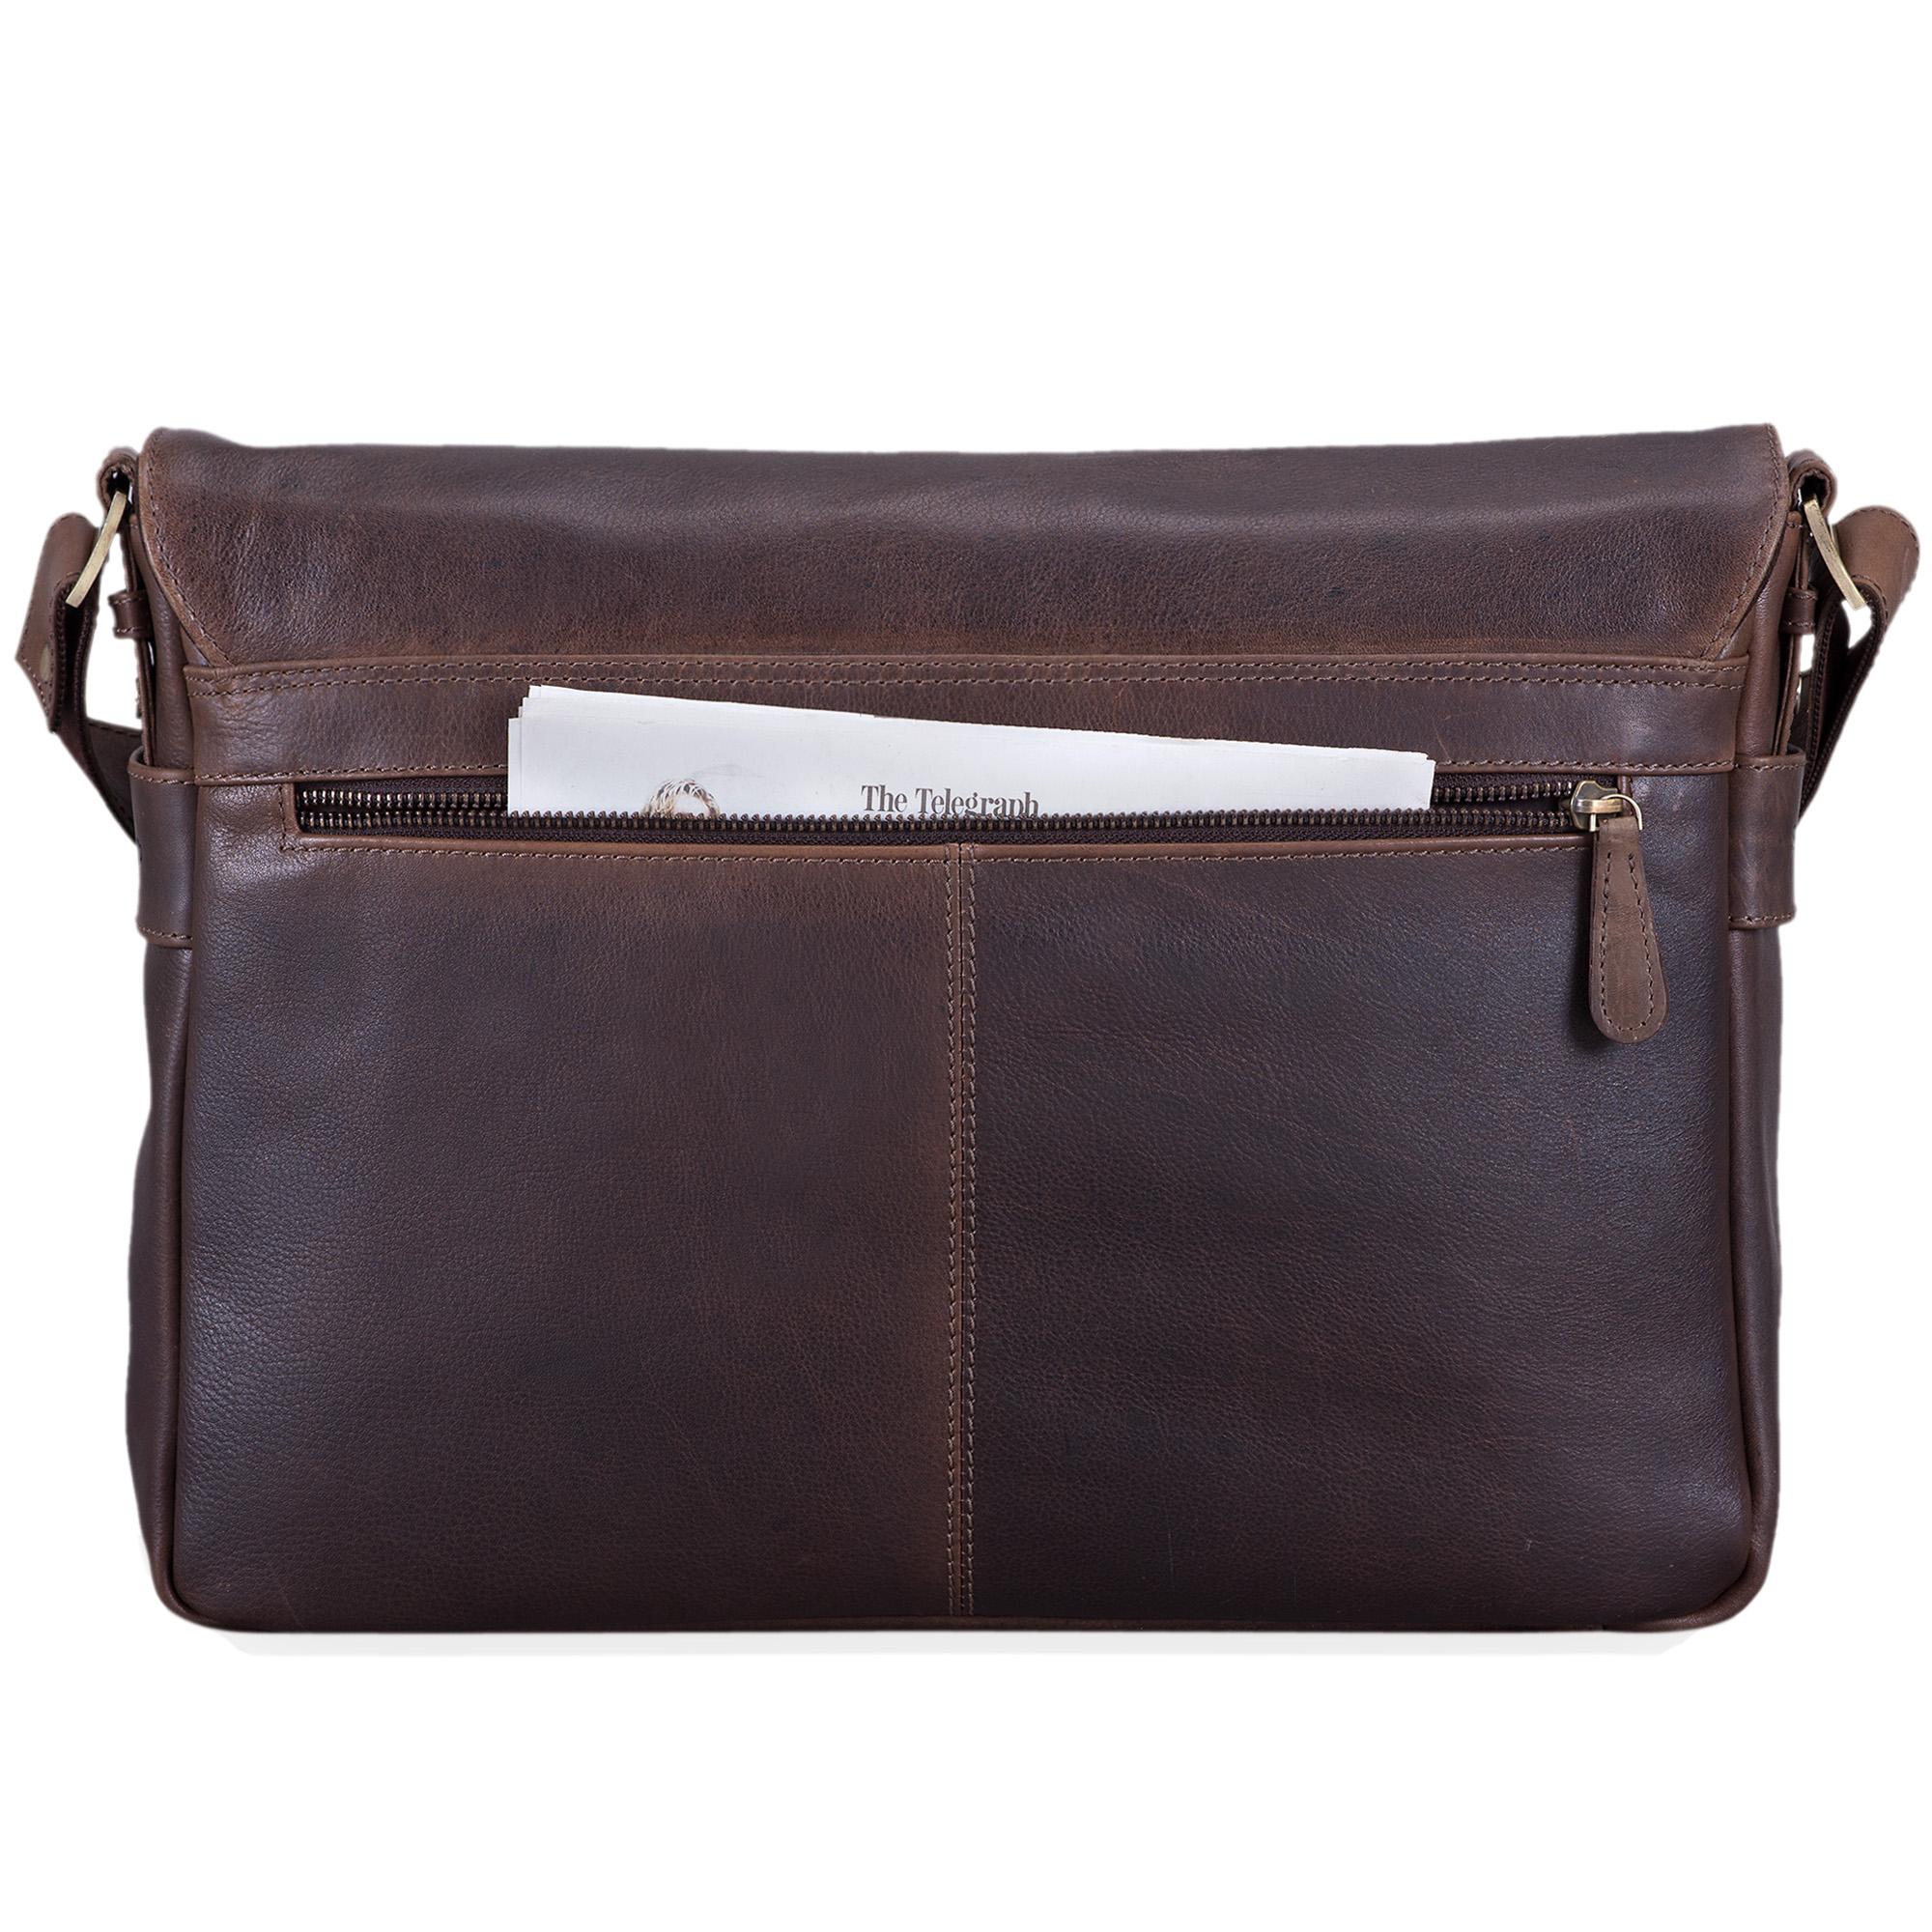 """STILORD """"Miro"""" Messenger Bag Leder Umhängetasche 14 Zoll Vintage Design für Herren Damen Uni Büro Arbeit Aktentasche DIN A4 Laptoptasche Echtleder - Bild 6"""